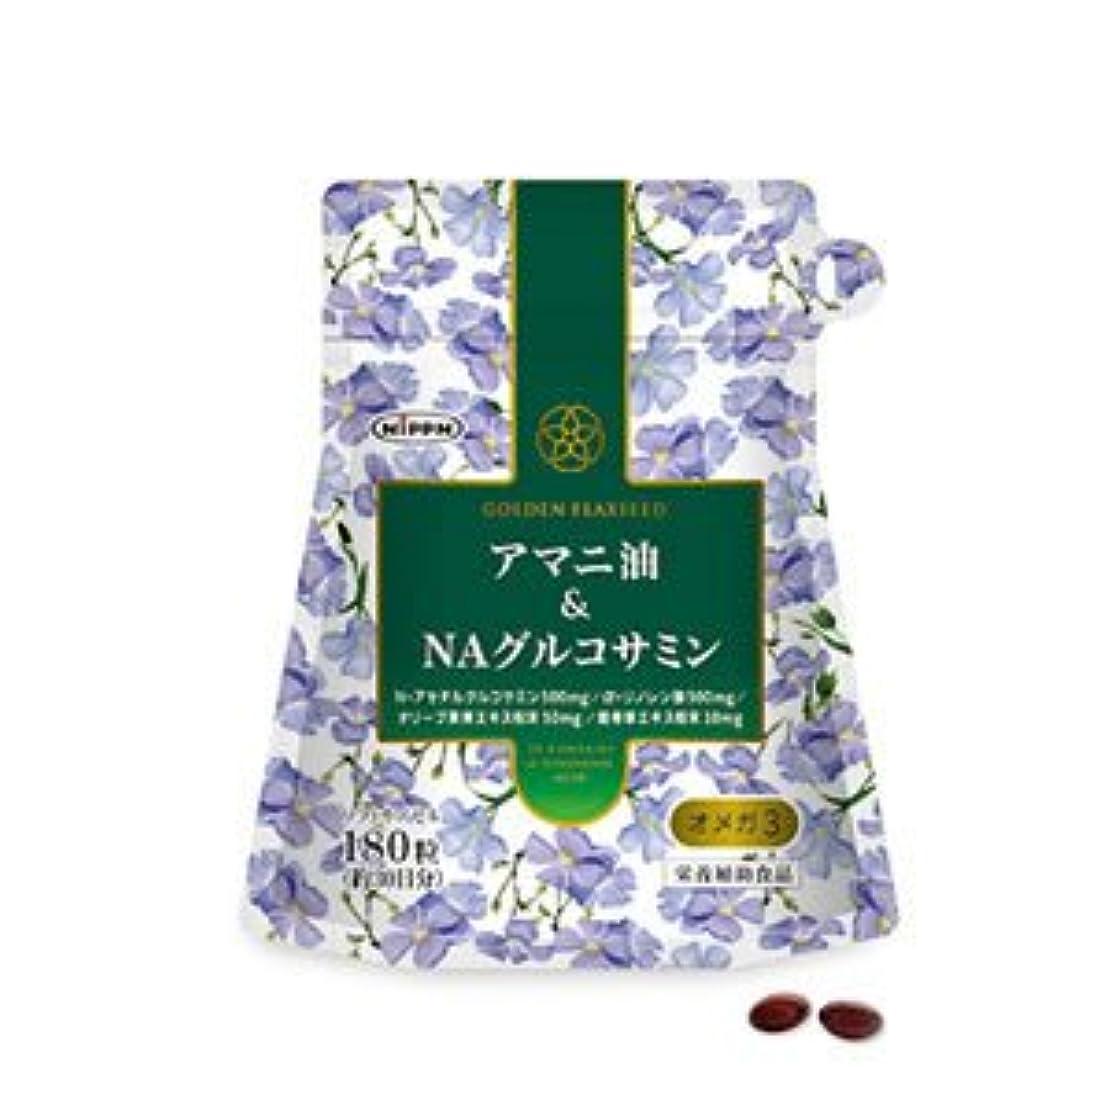 大胆な計画フルーツ野菜アマニ油&NAグルコサミン 180粒(お買い得3個セット)